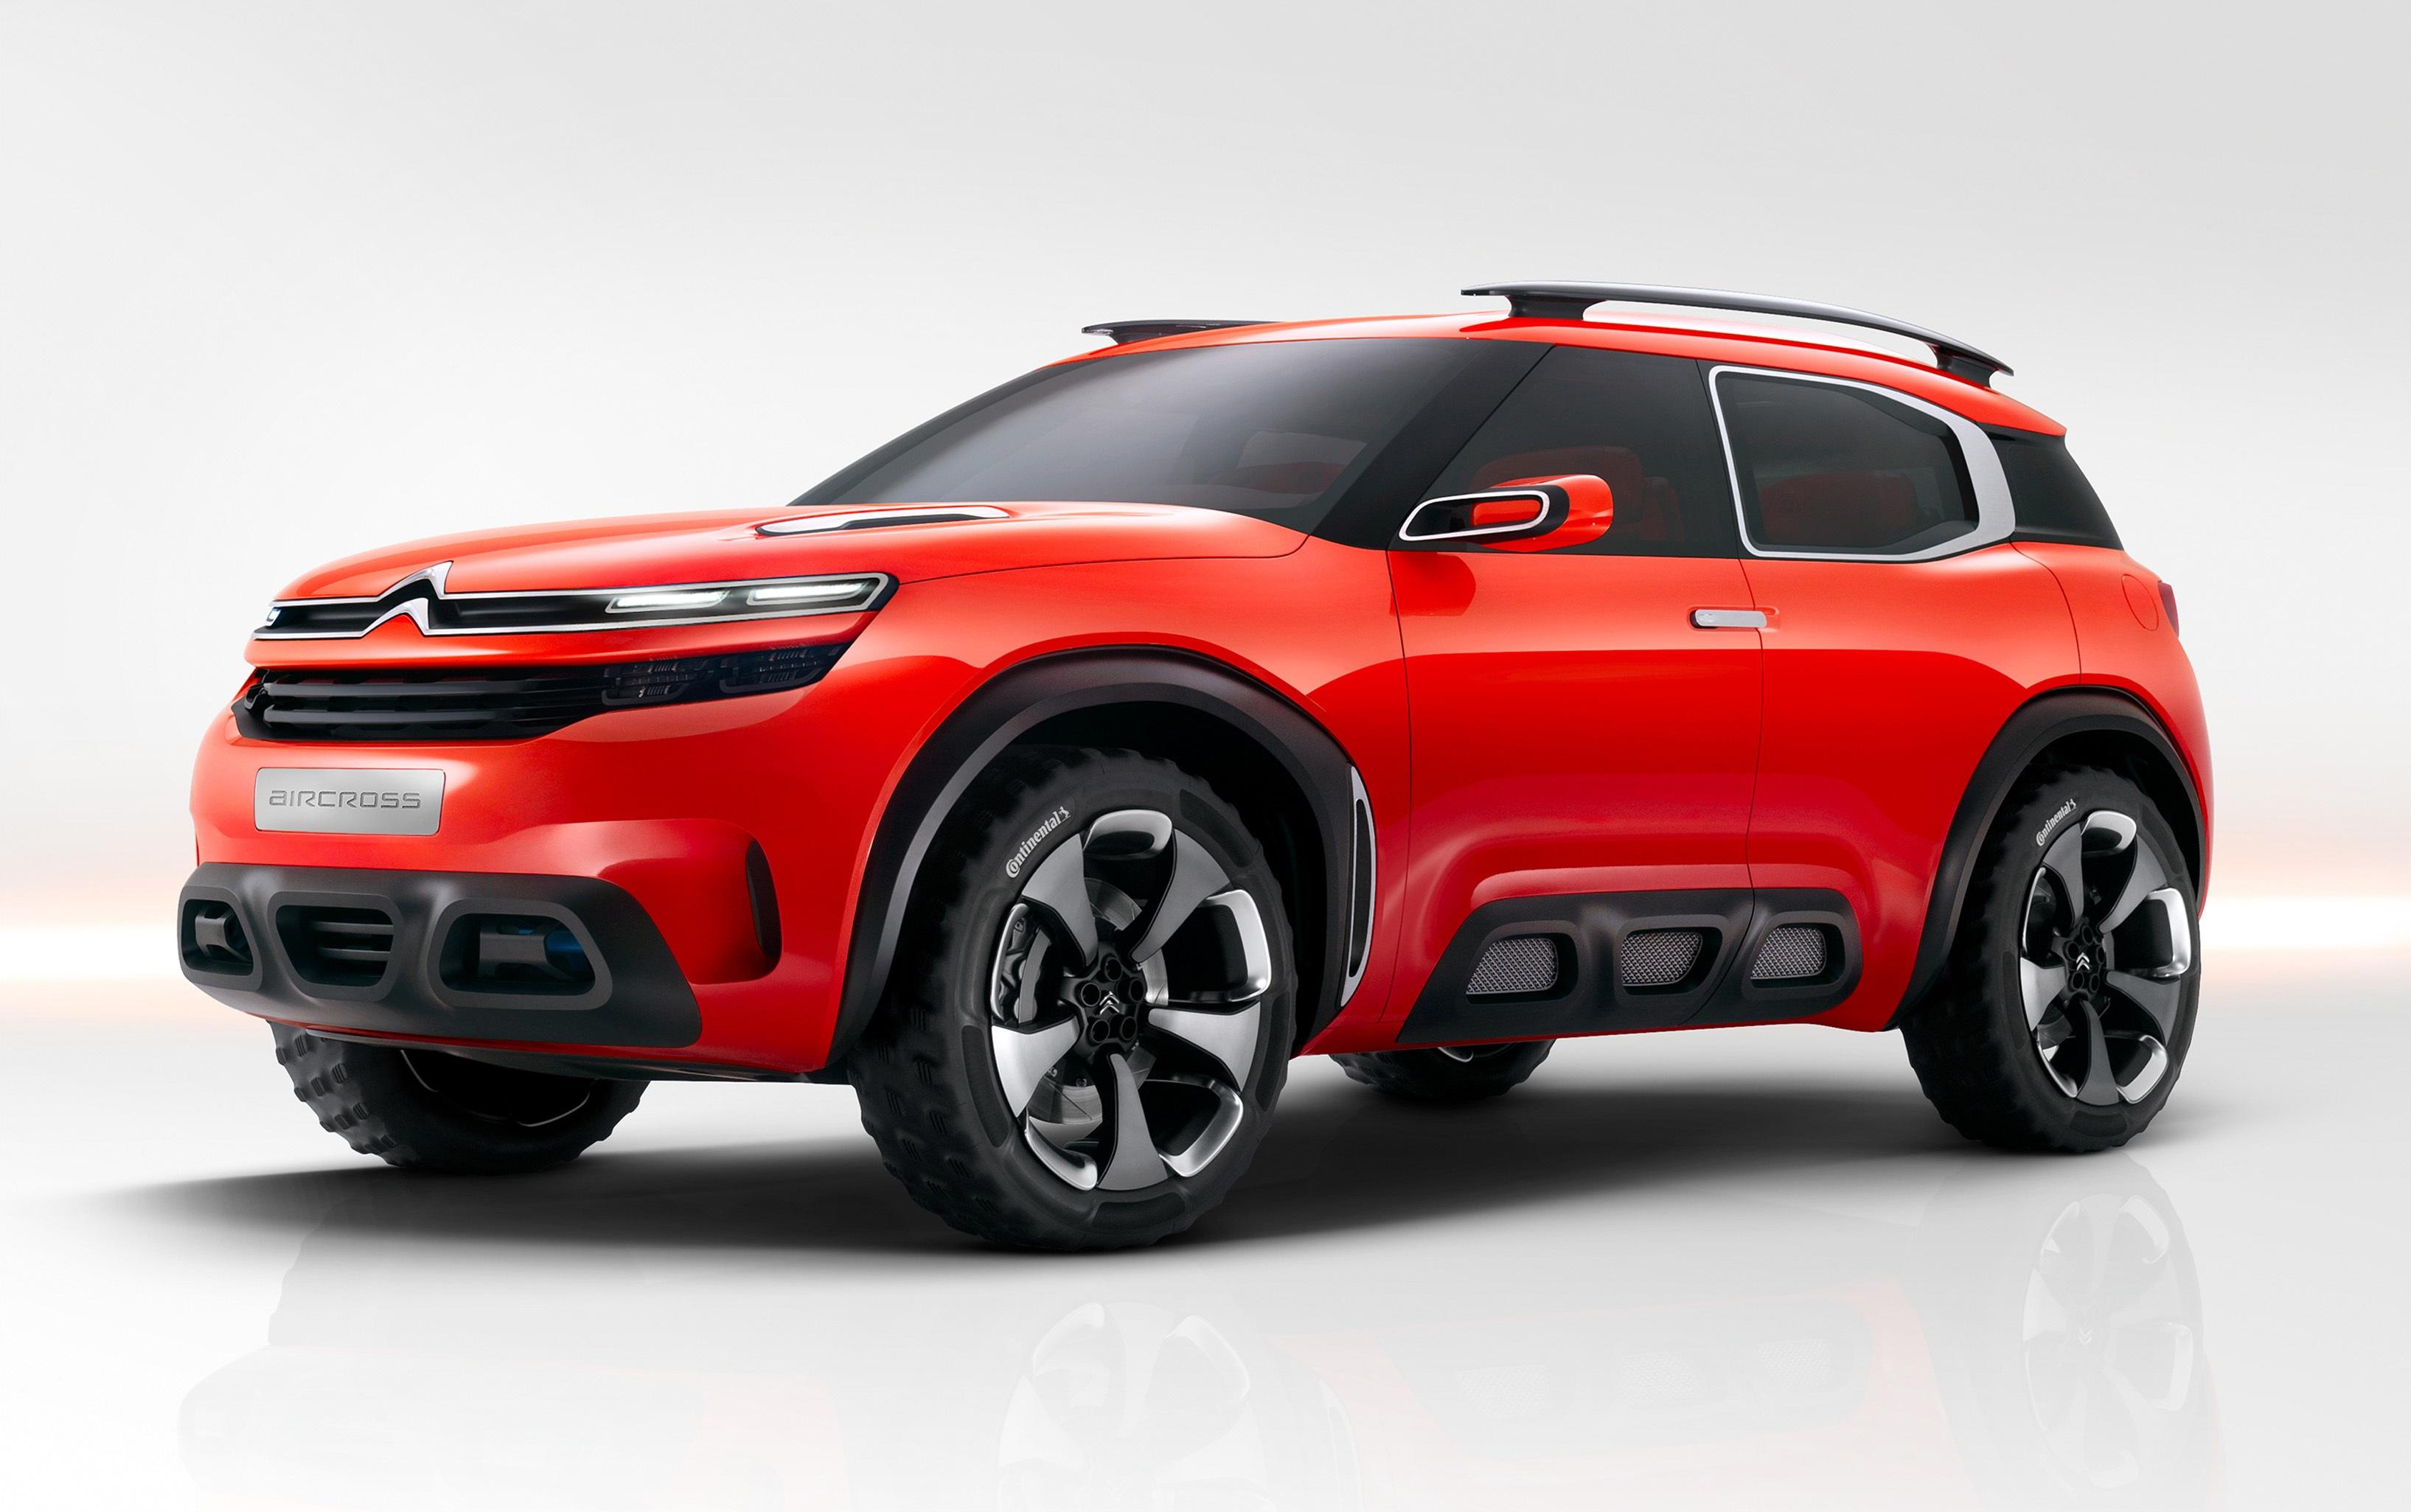 10 mẫu SUV - crossover đáng chú ý sắp xuất hiện - 9